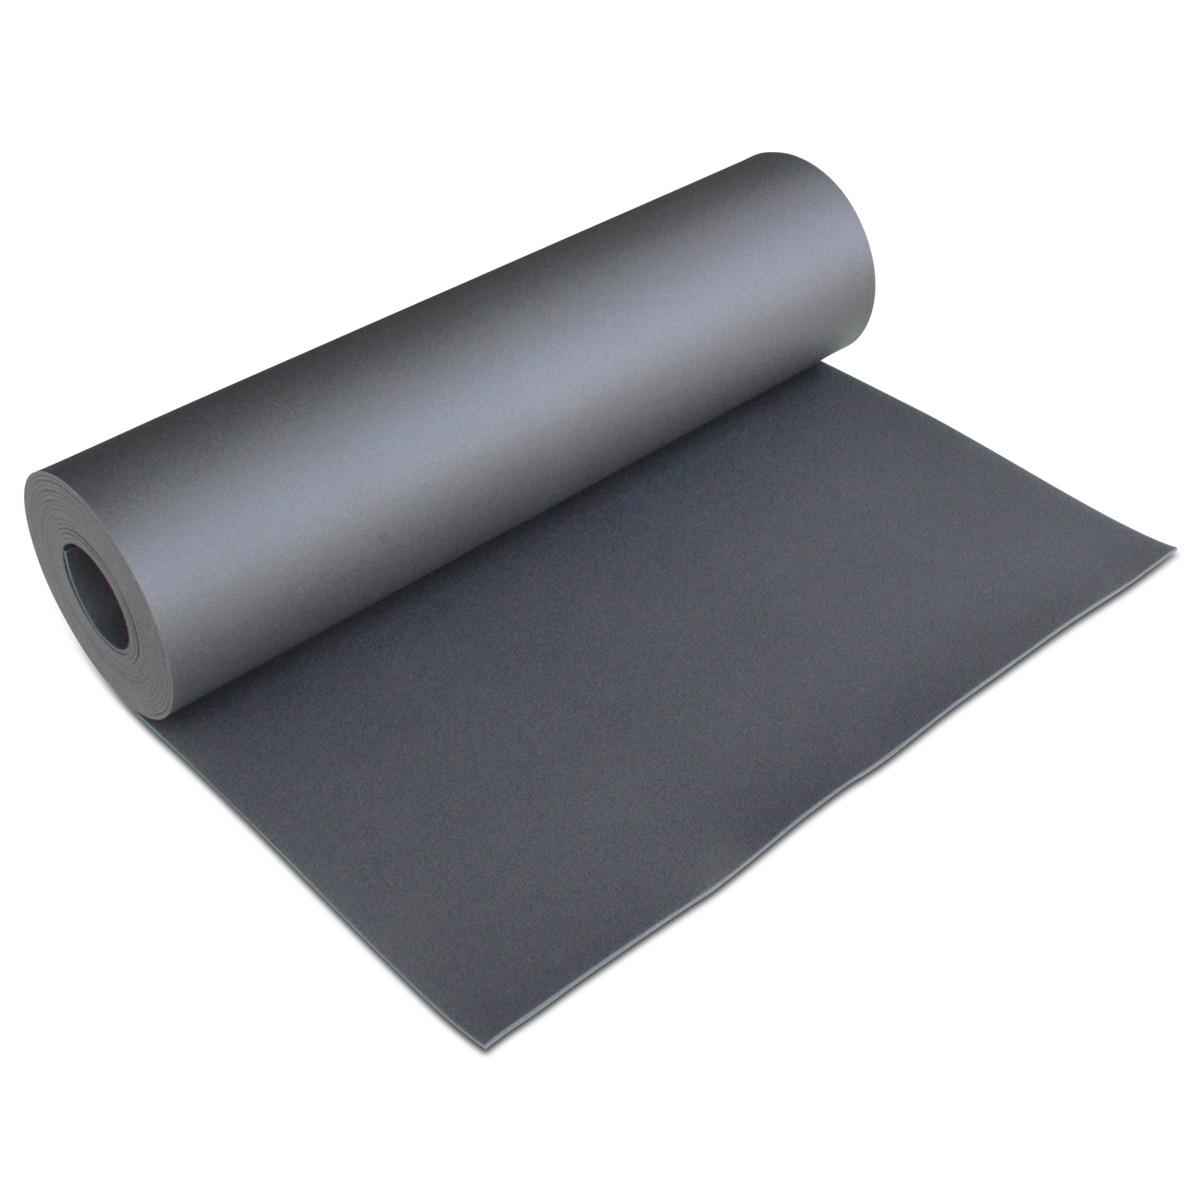 床デコシート 防音タイプ